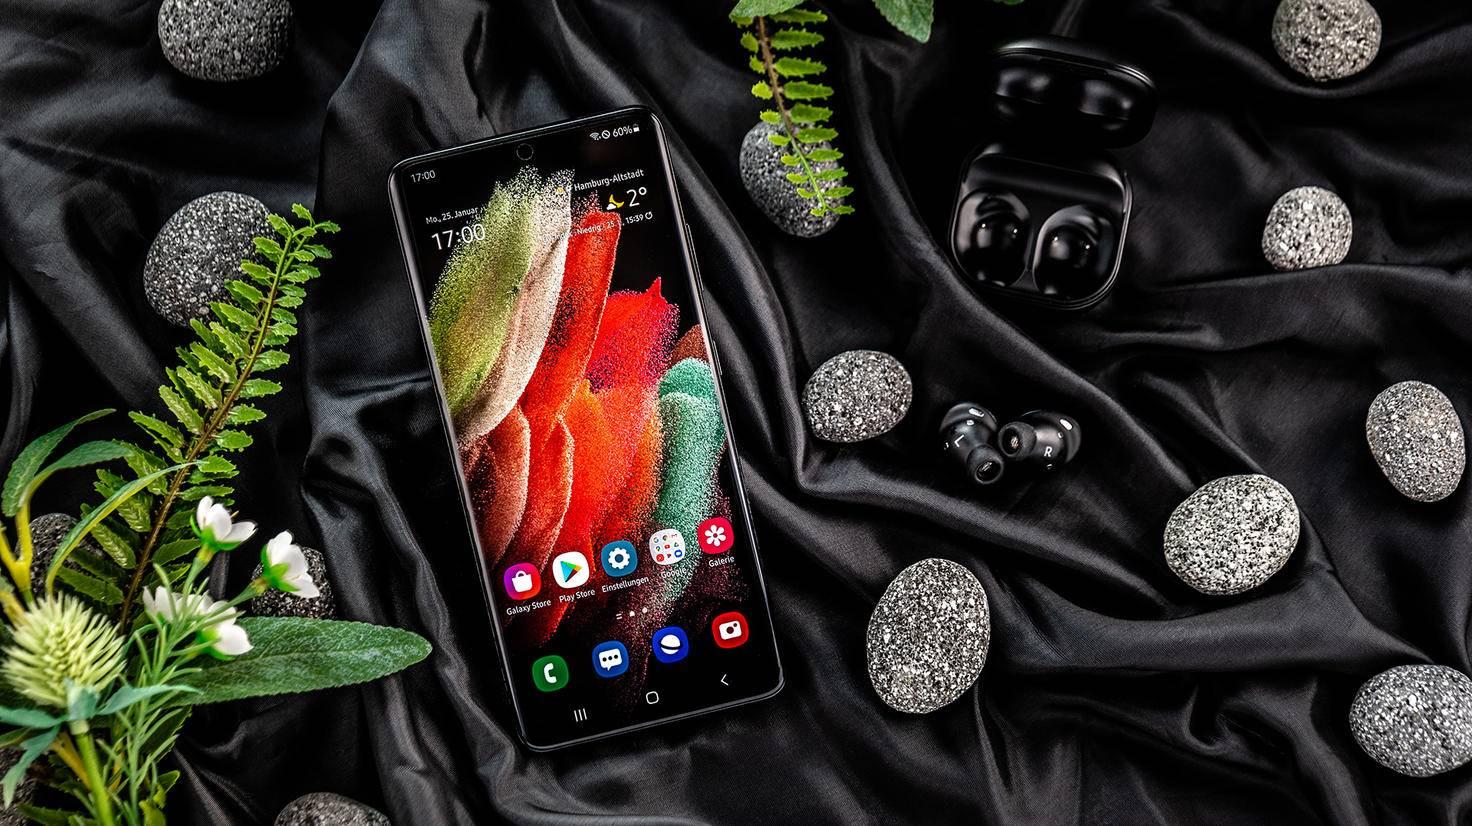 Samsung-Galaxy-S21-Ultra-12